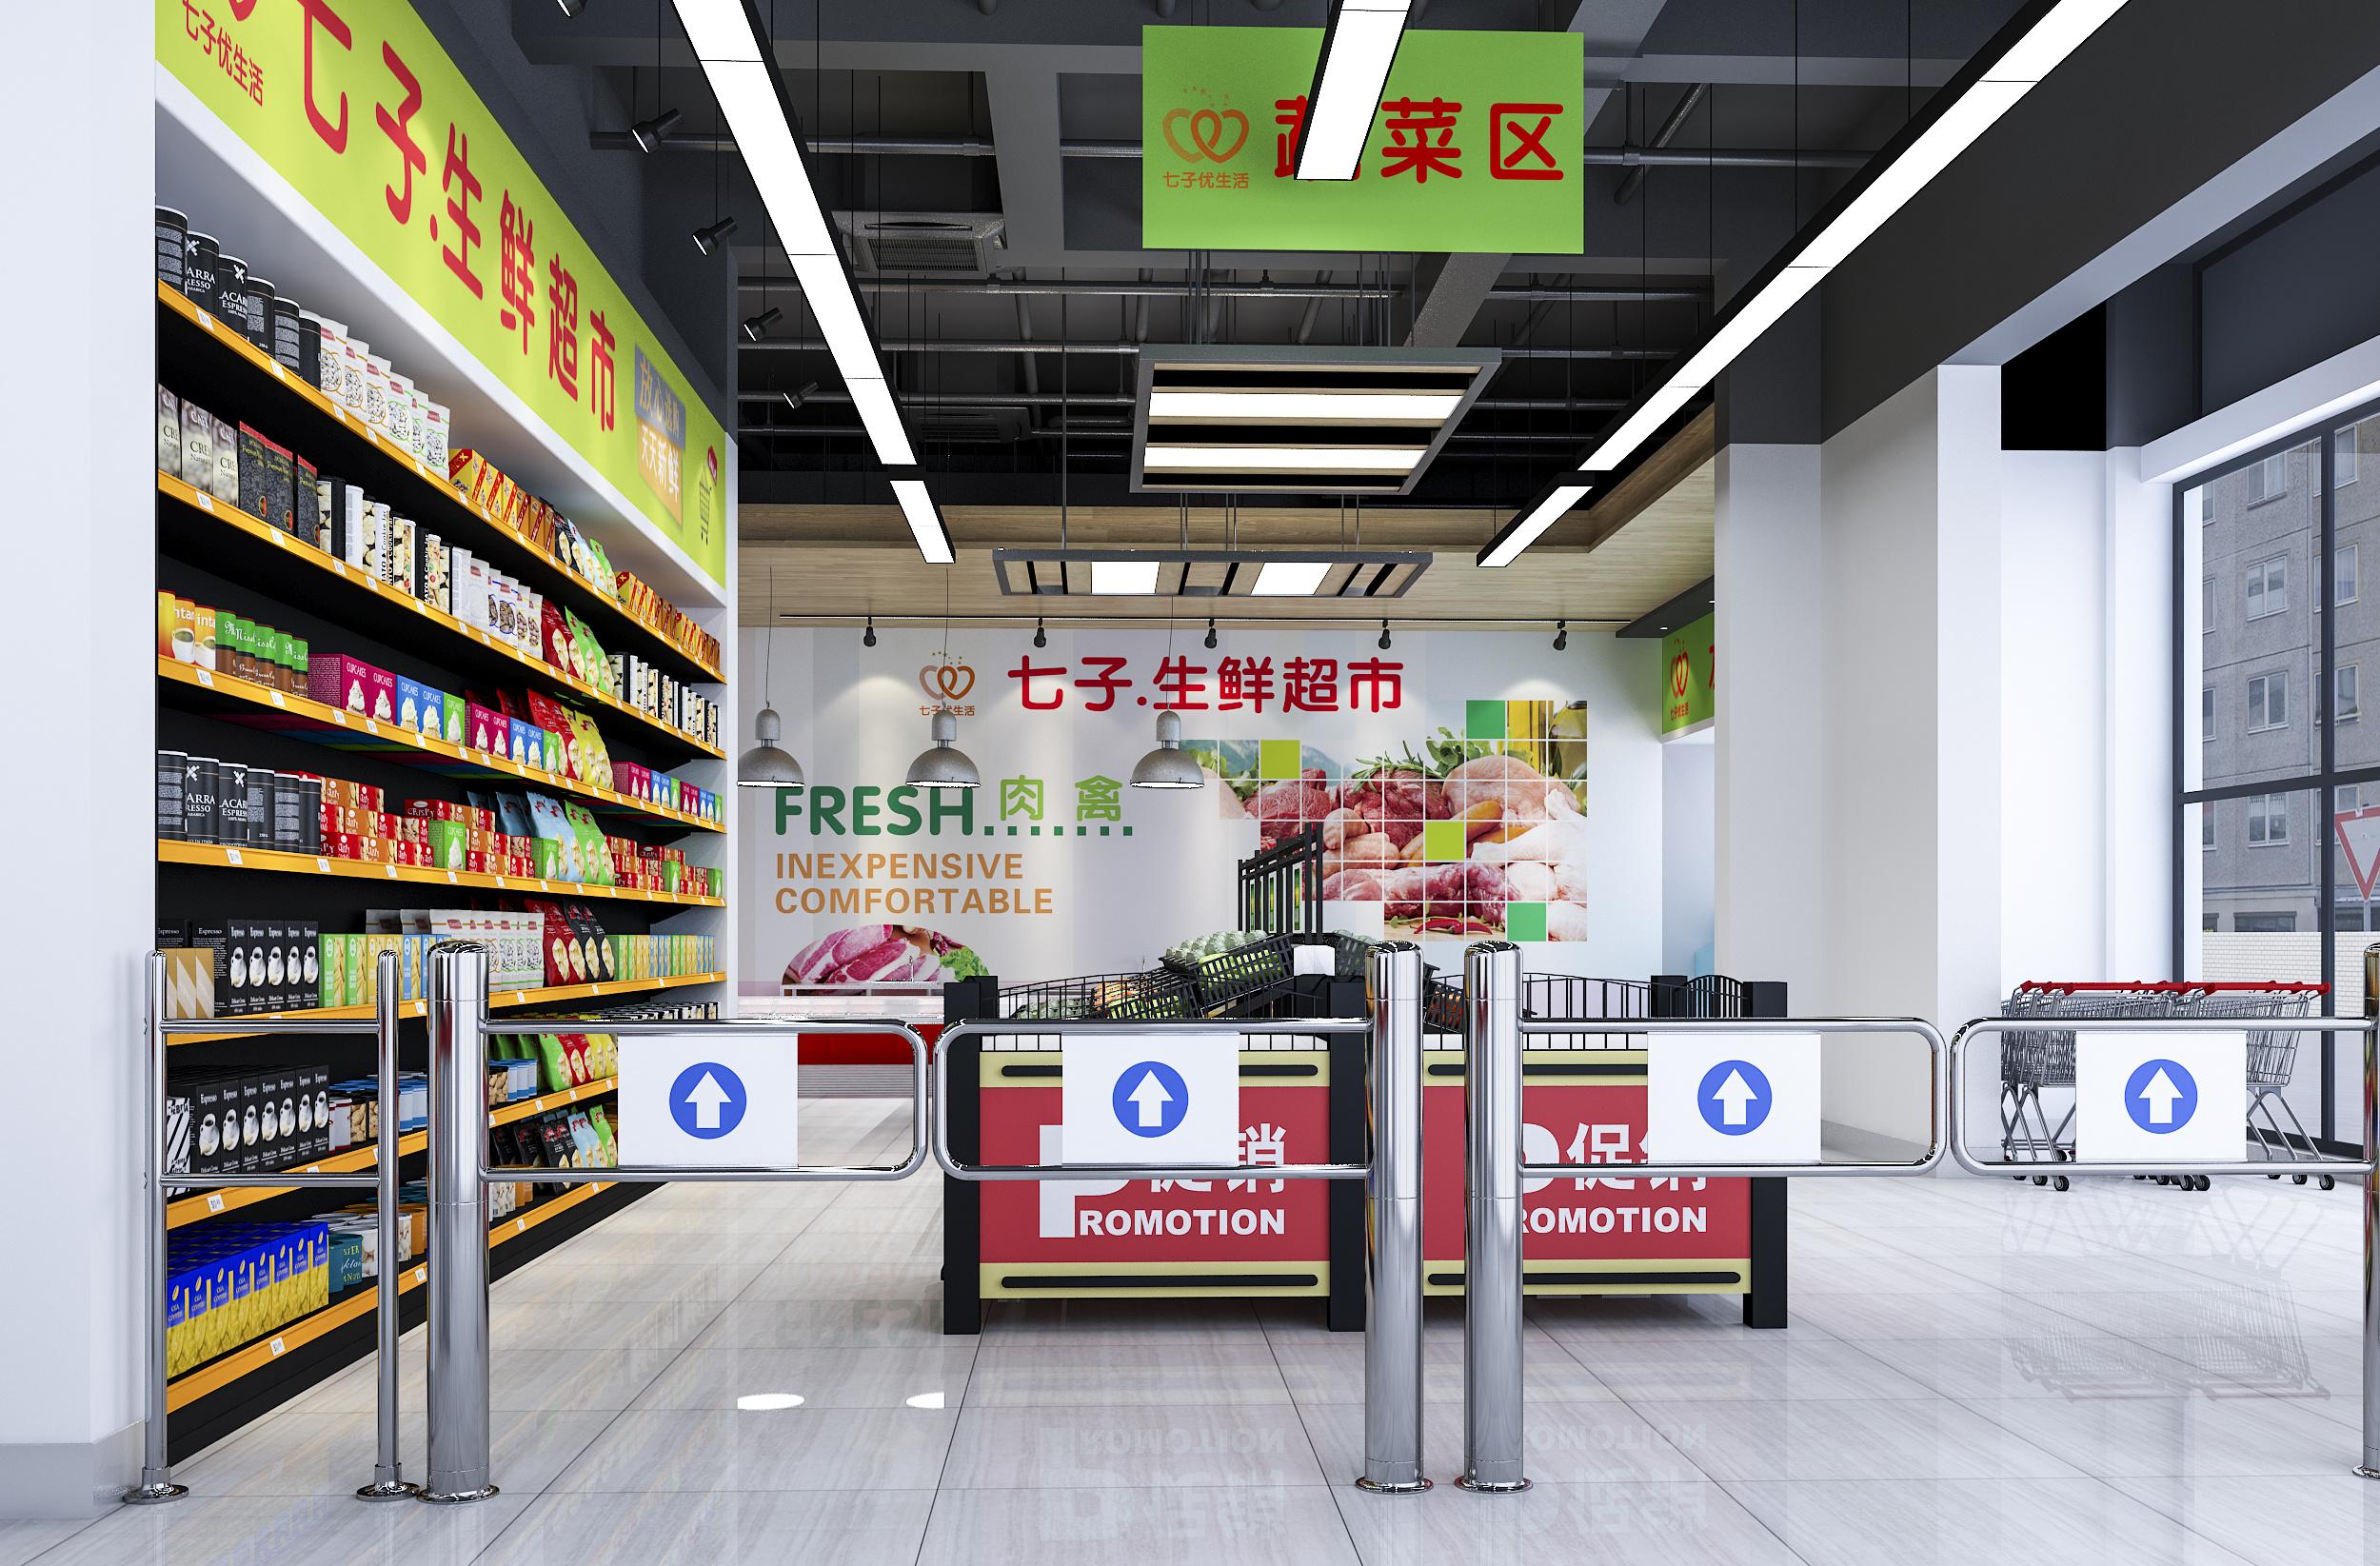 入口生鲜超市supermarket浏阳公园社区v入口图片